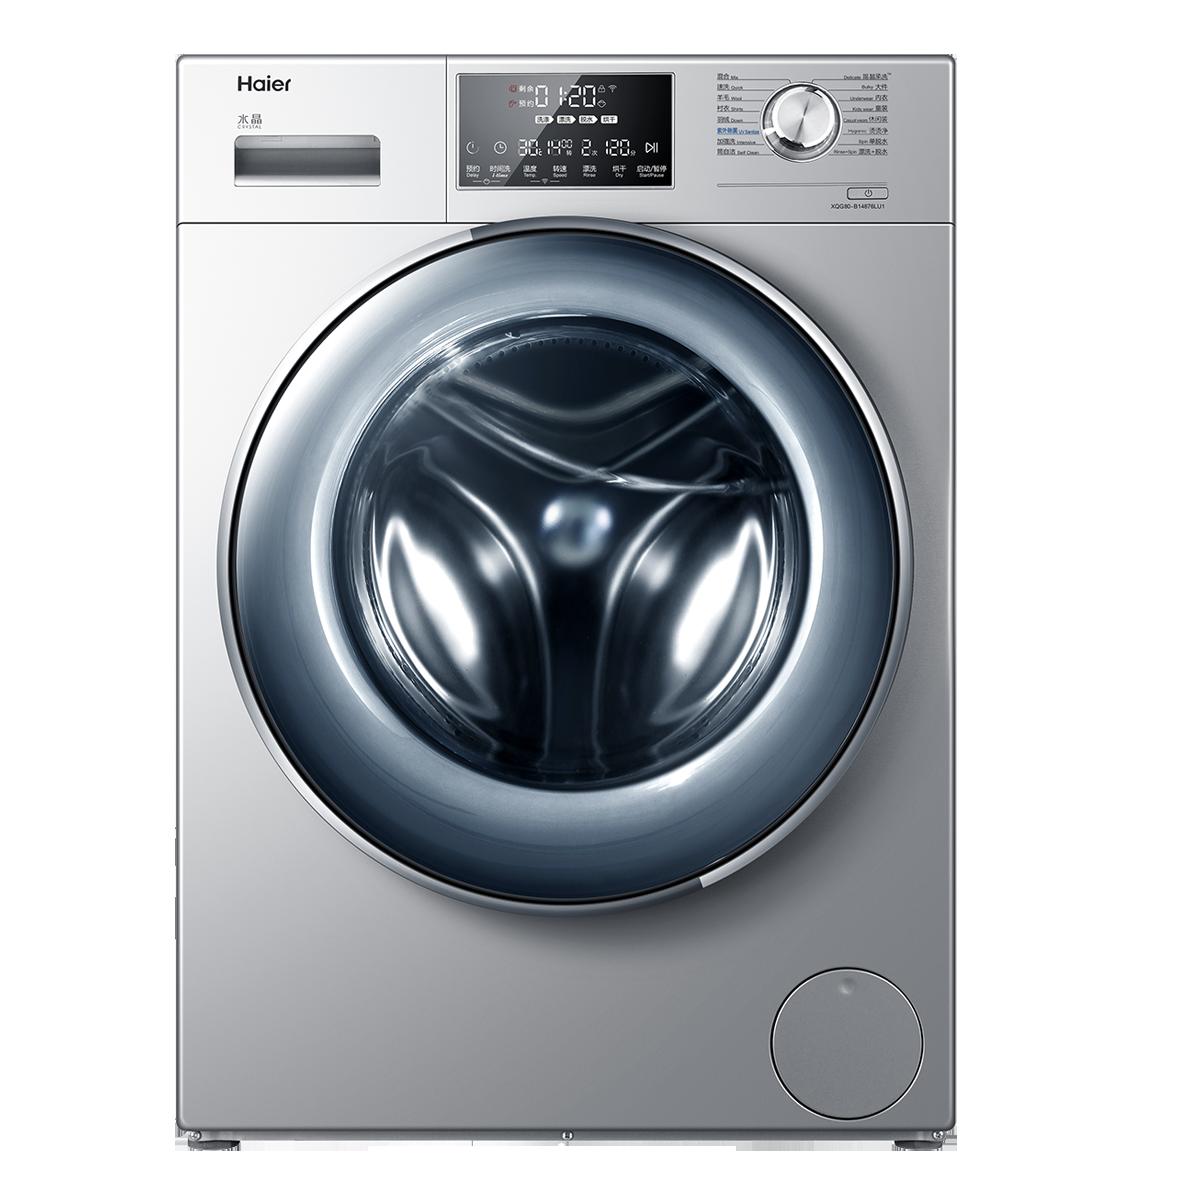 海尔Haier洗衣机 XQG80-B14876LU1 说明书